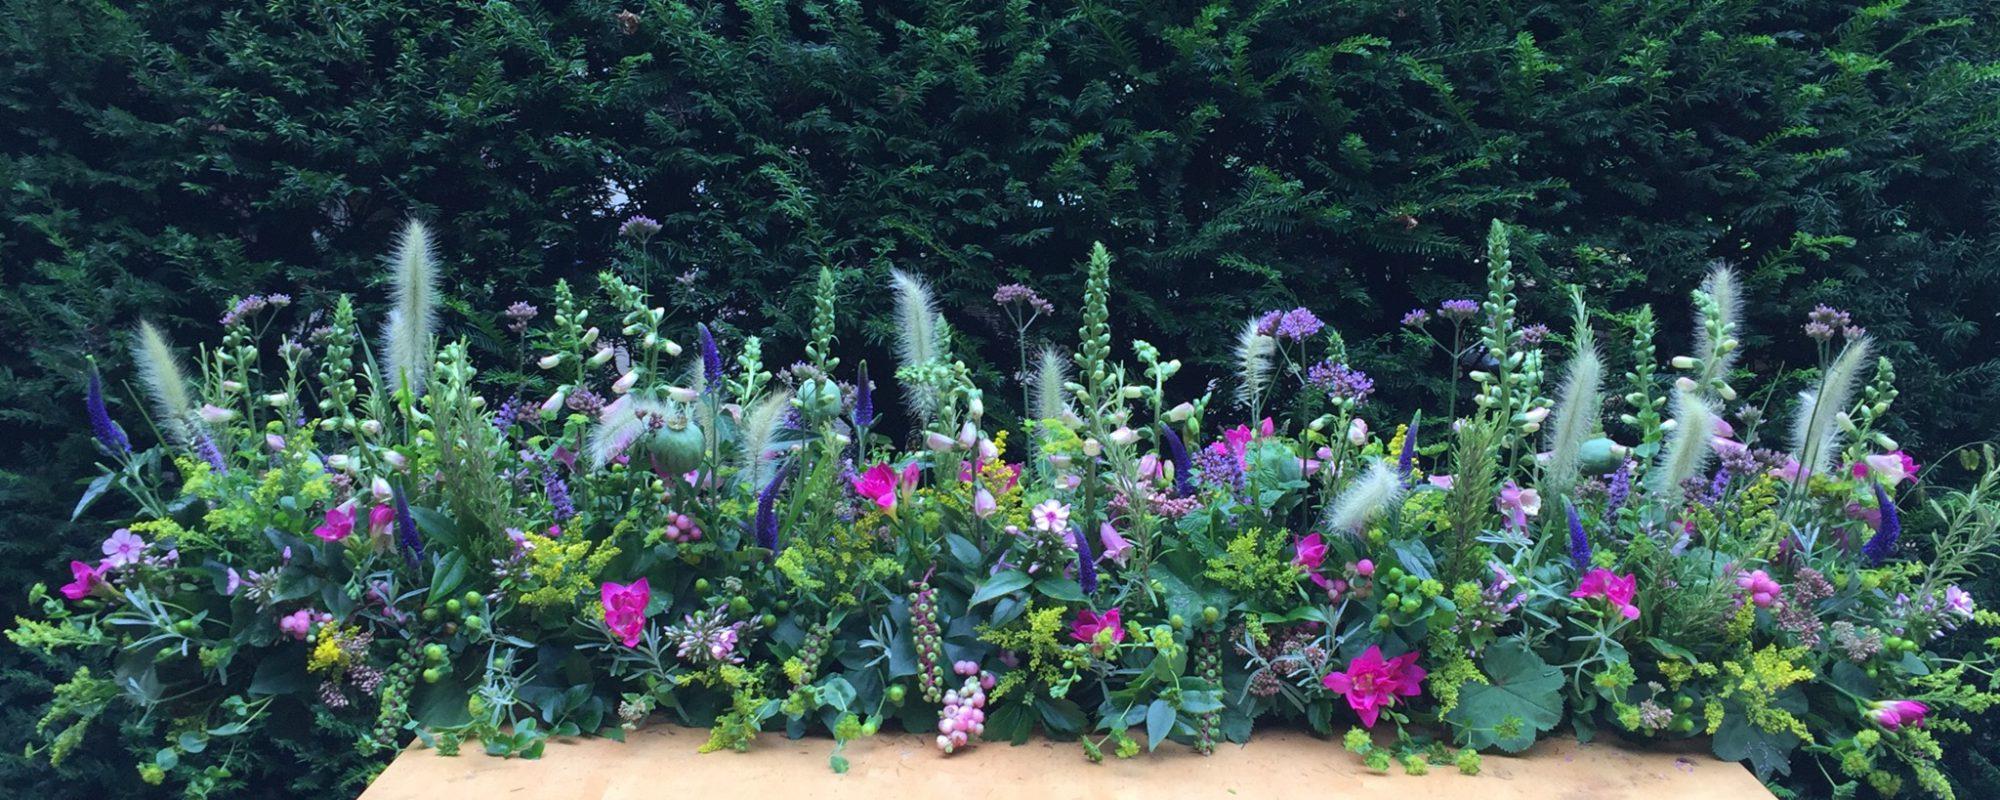 Kistbedekking veldbloemen zomer